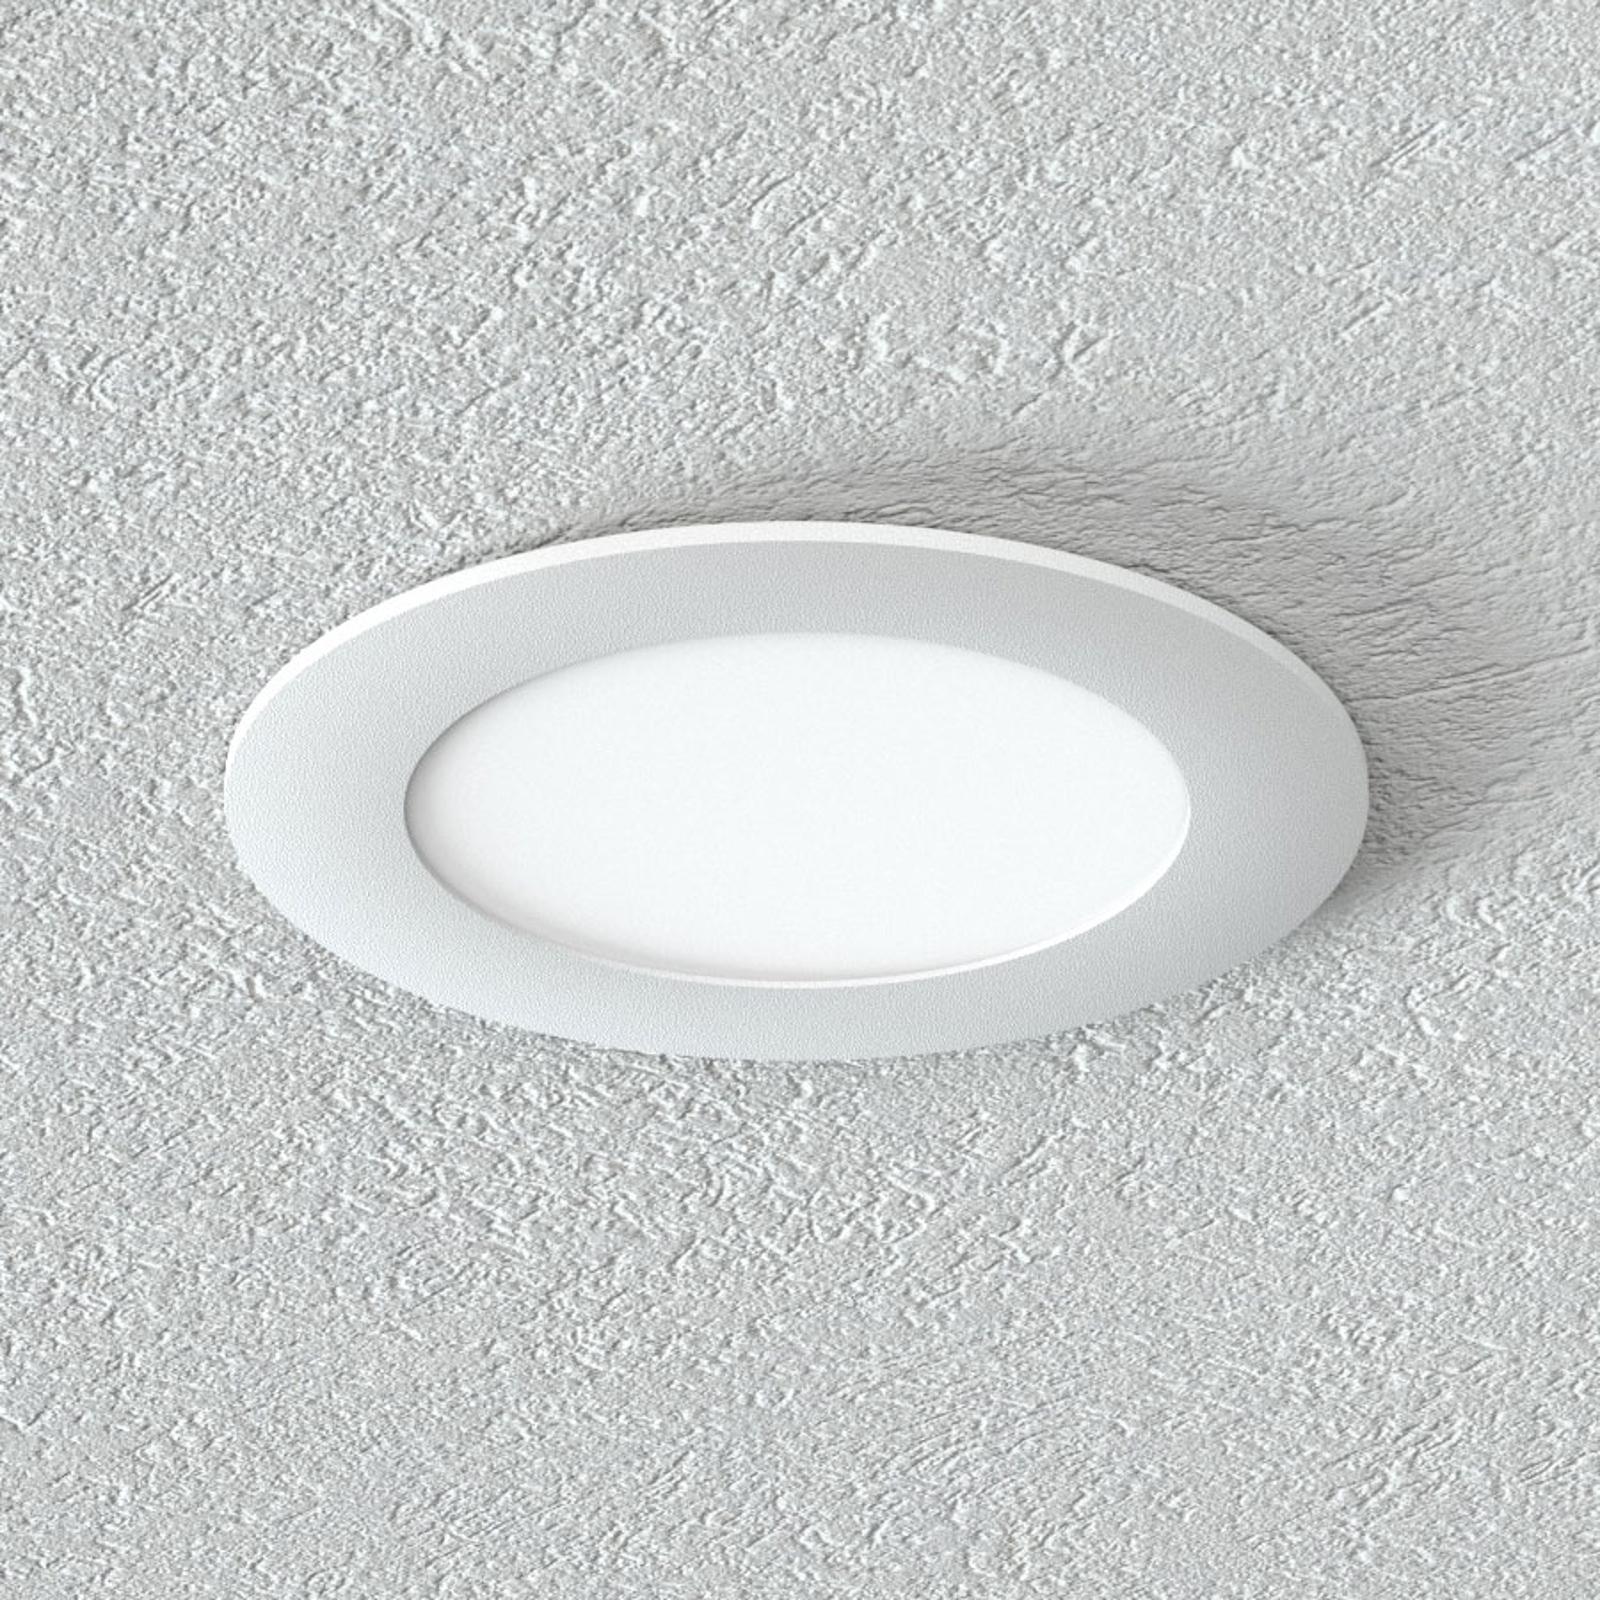 Arcchio Xavian lampe encastrée LED 3000K 9,8cm